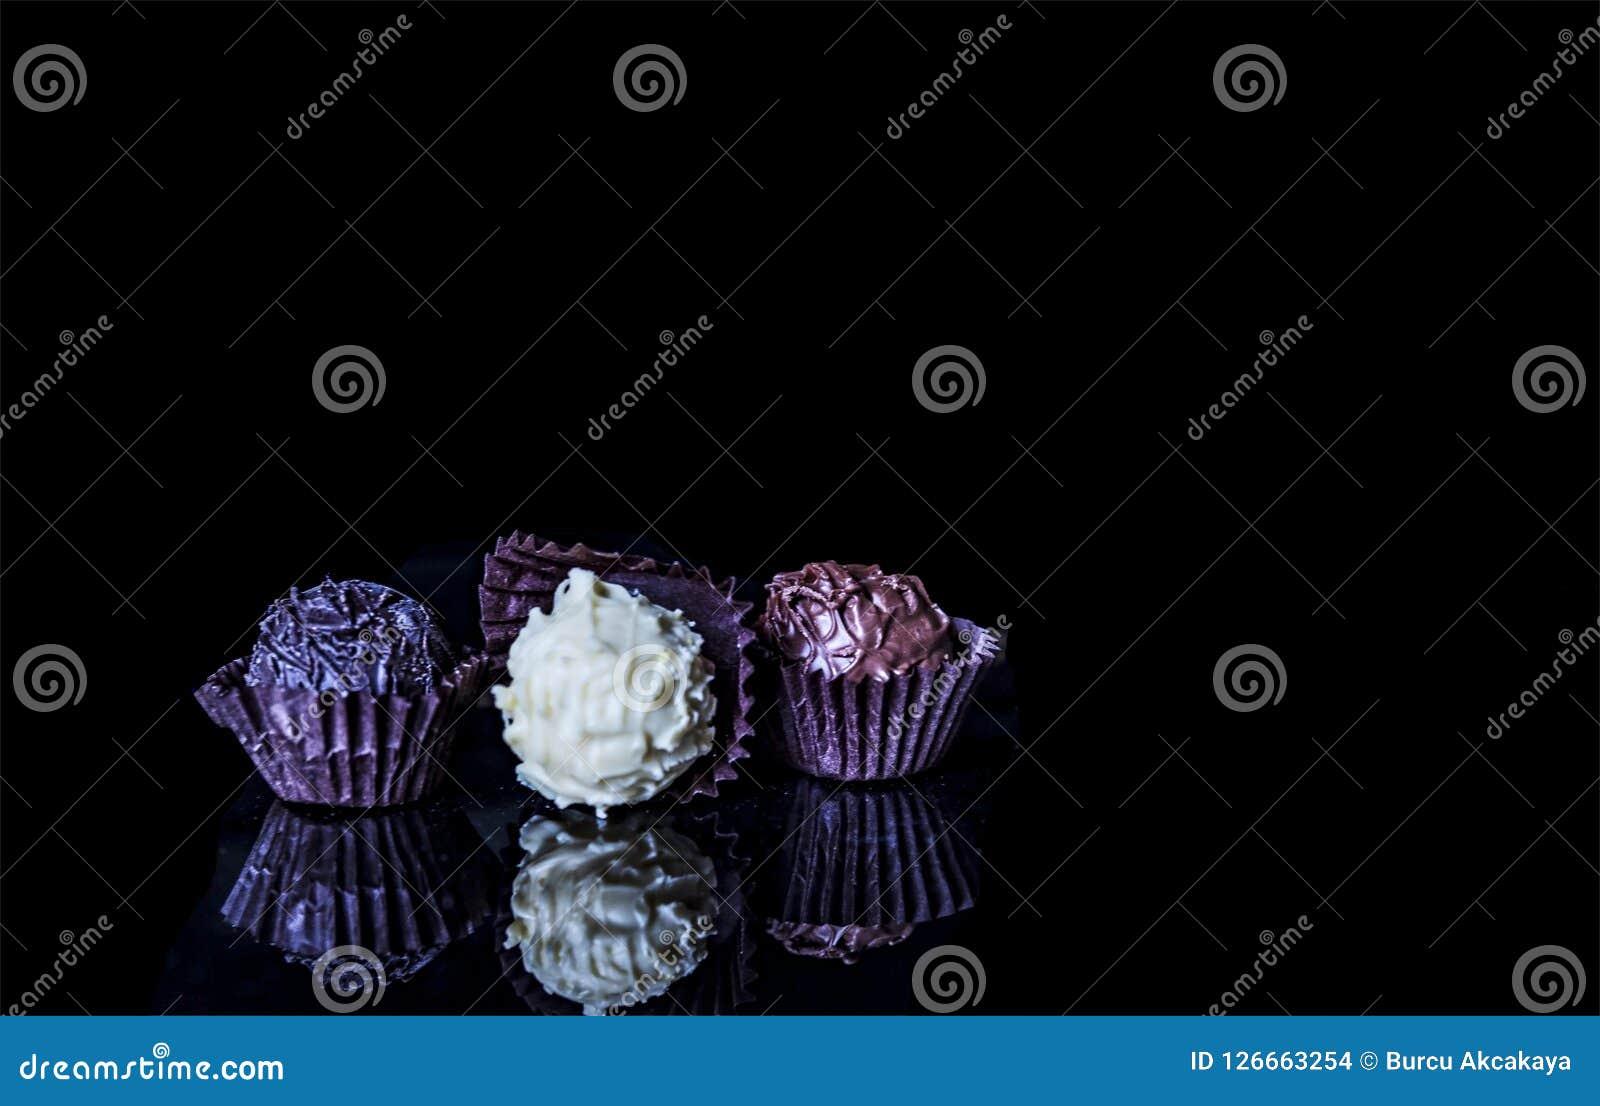 Είδος τρία των σοκολατών σε έναν μαύρο πίνακα,